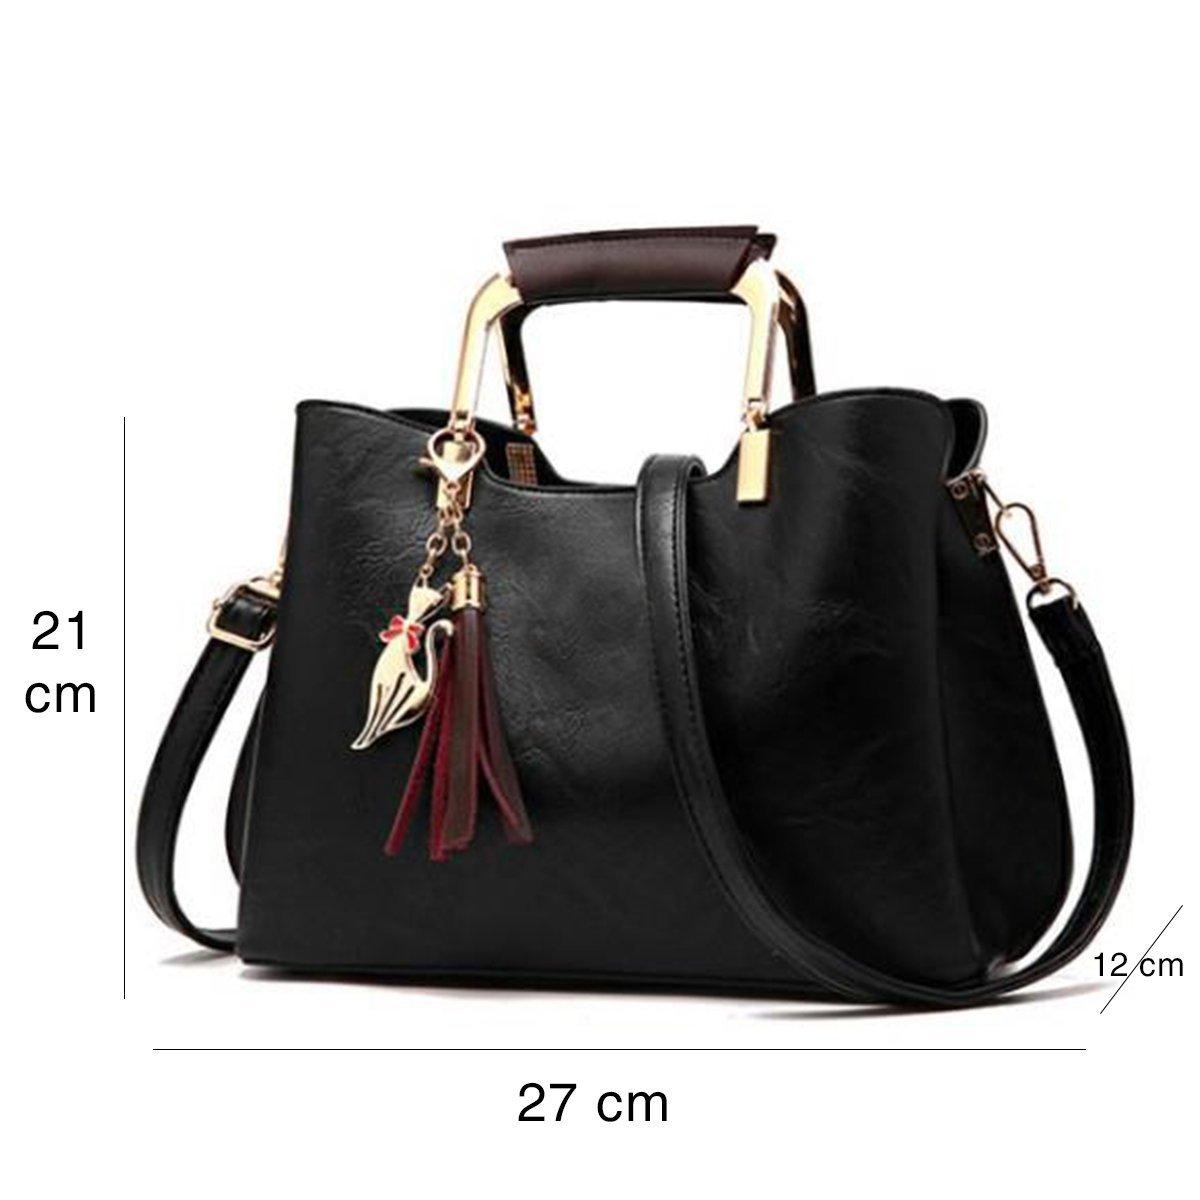 Mercedes Deluxe Handbag For Women